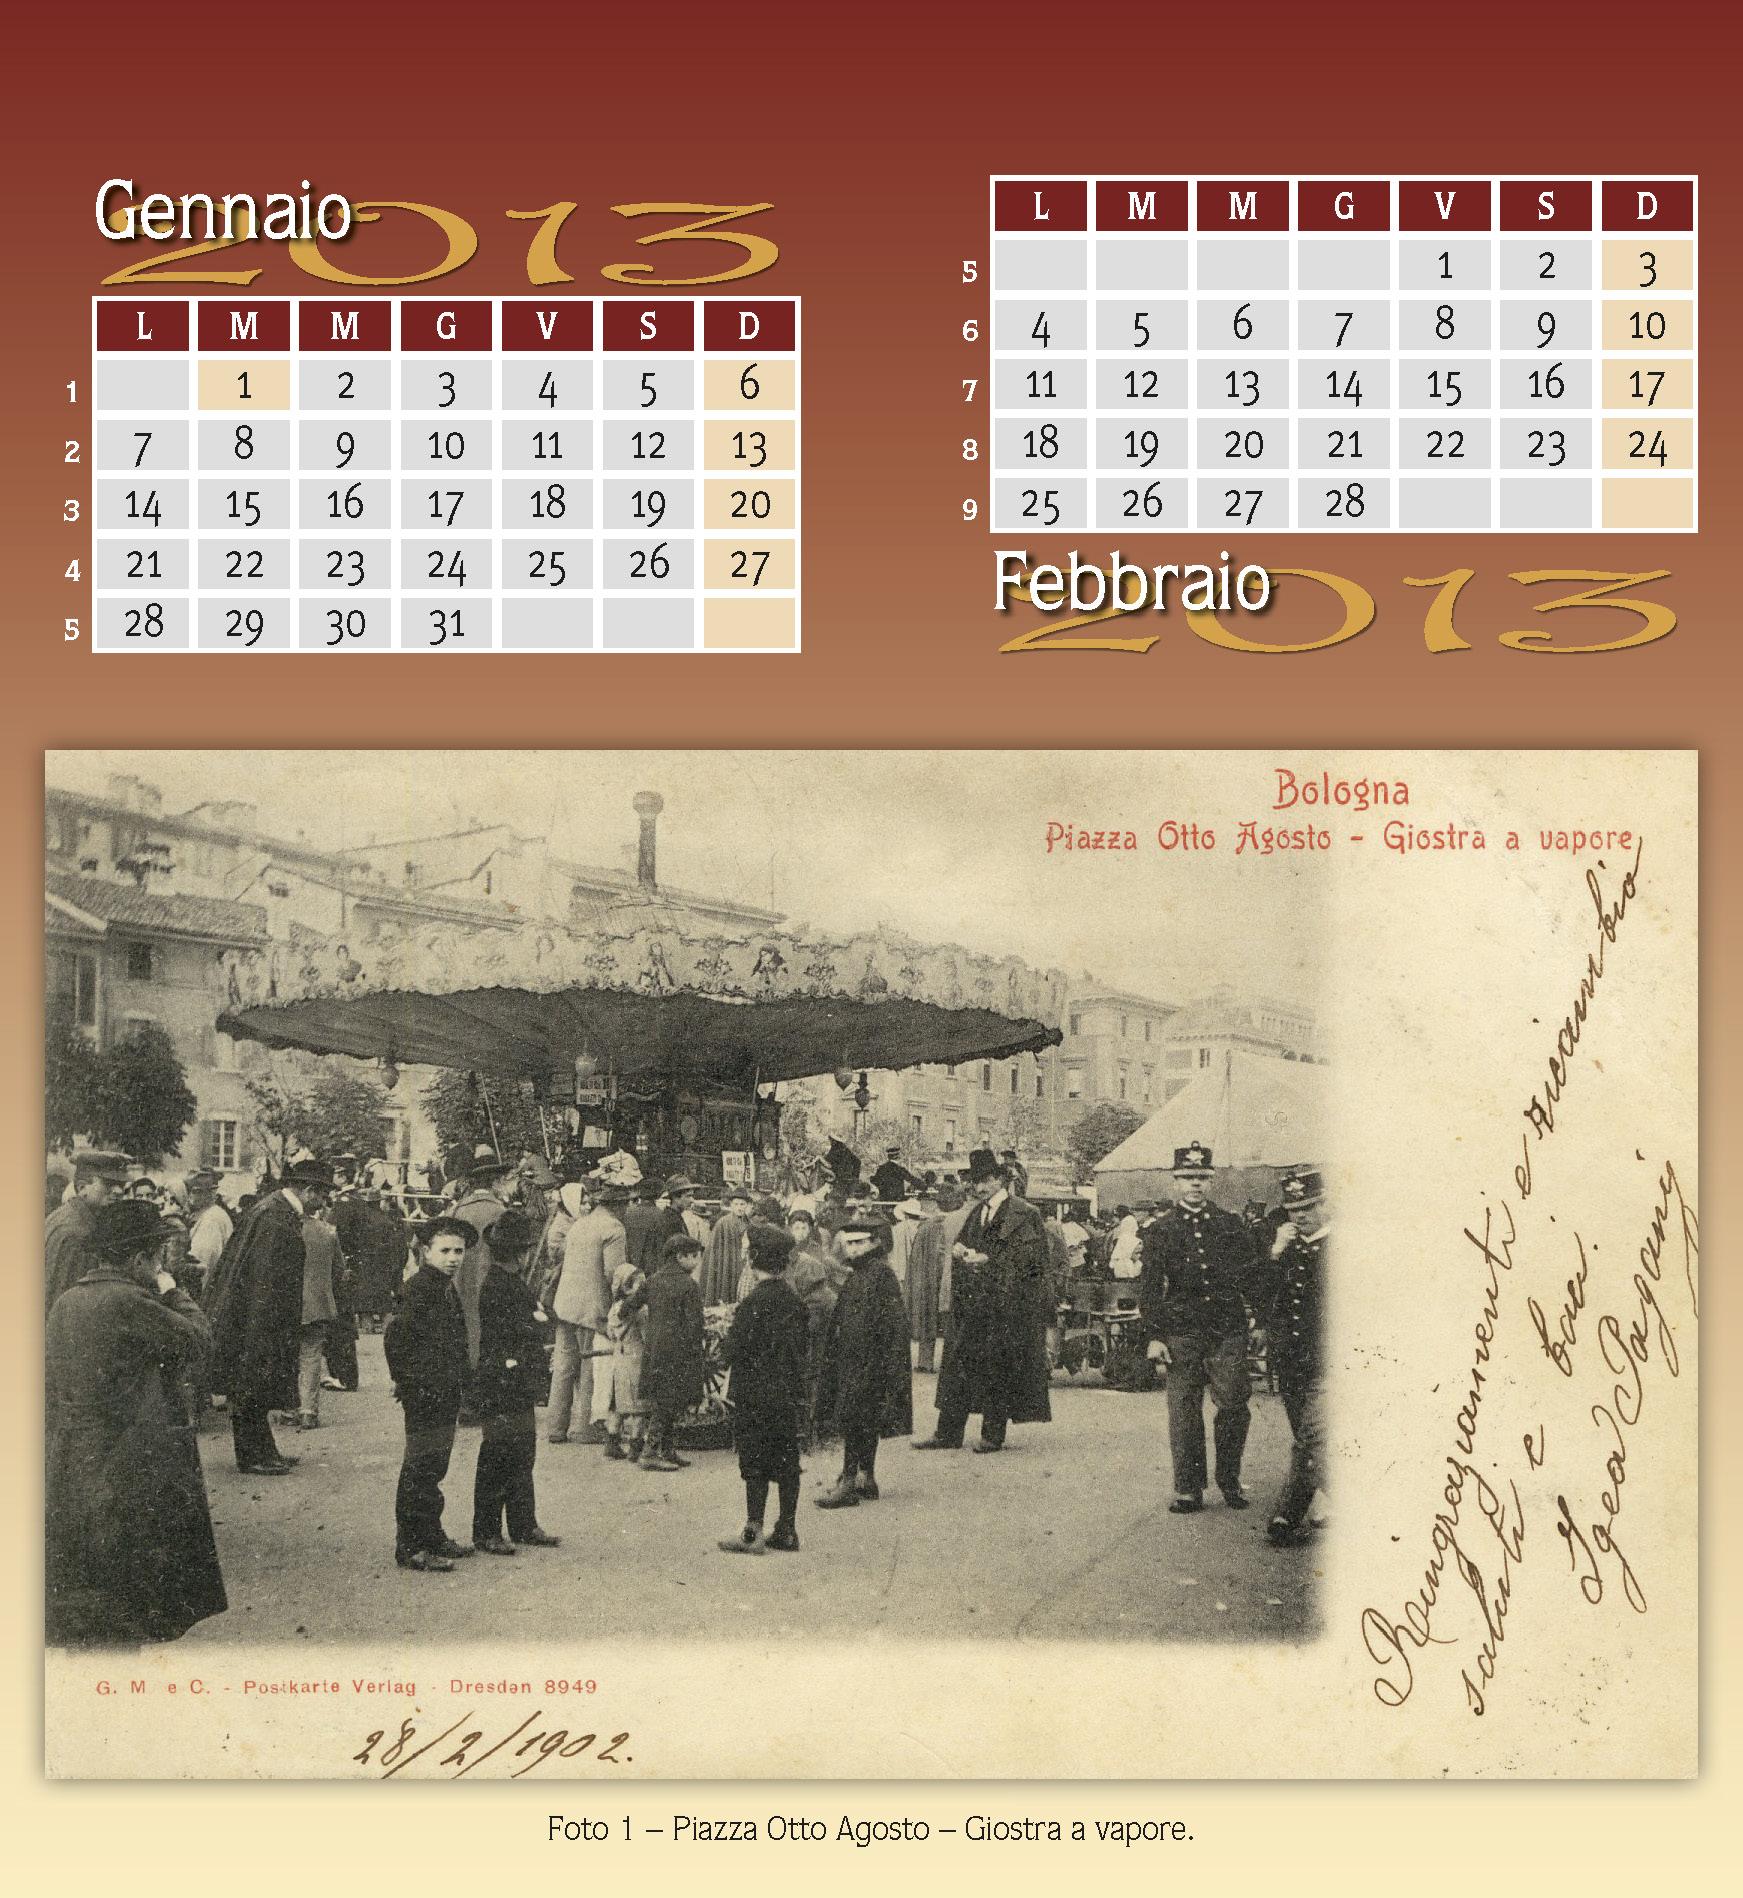 GENNAIO - FEBBRAIO